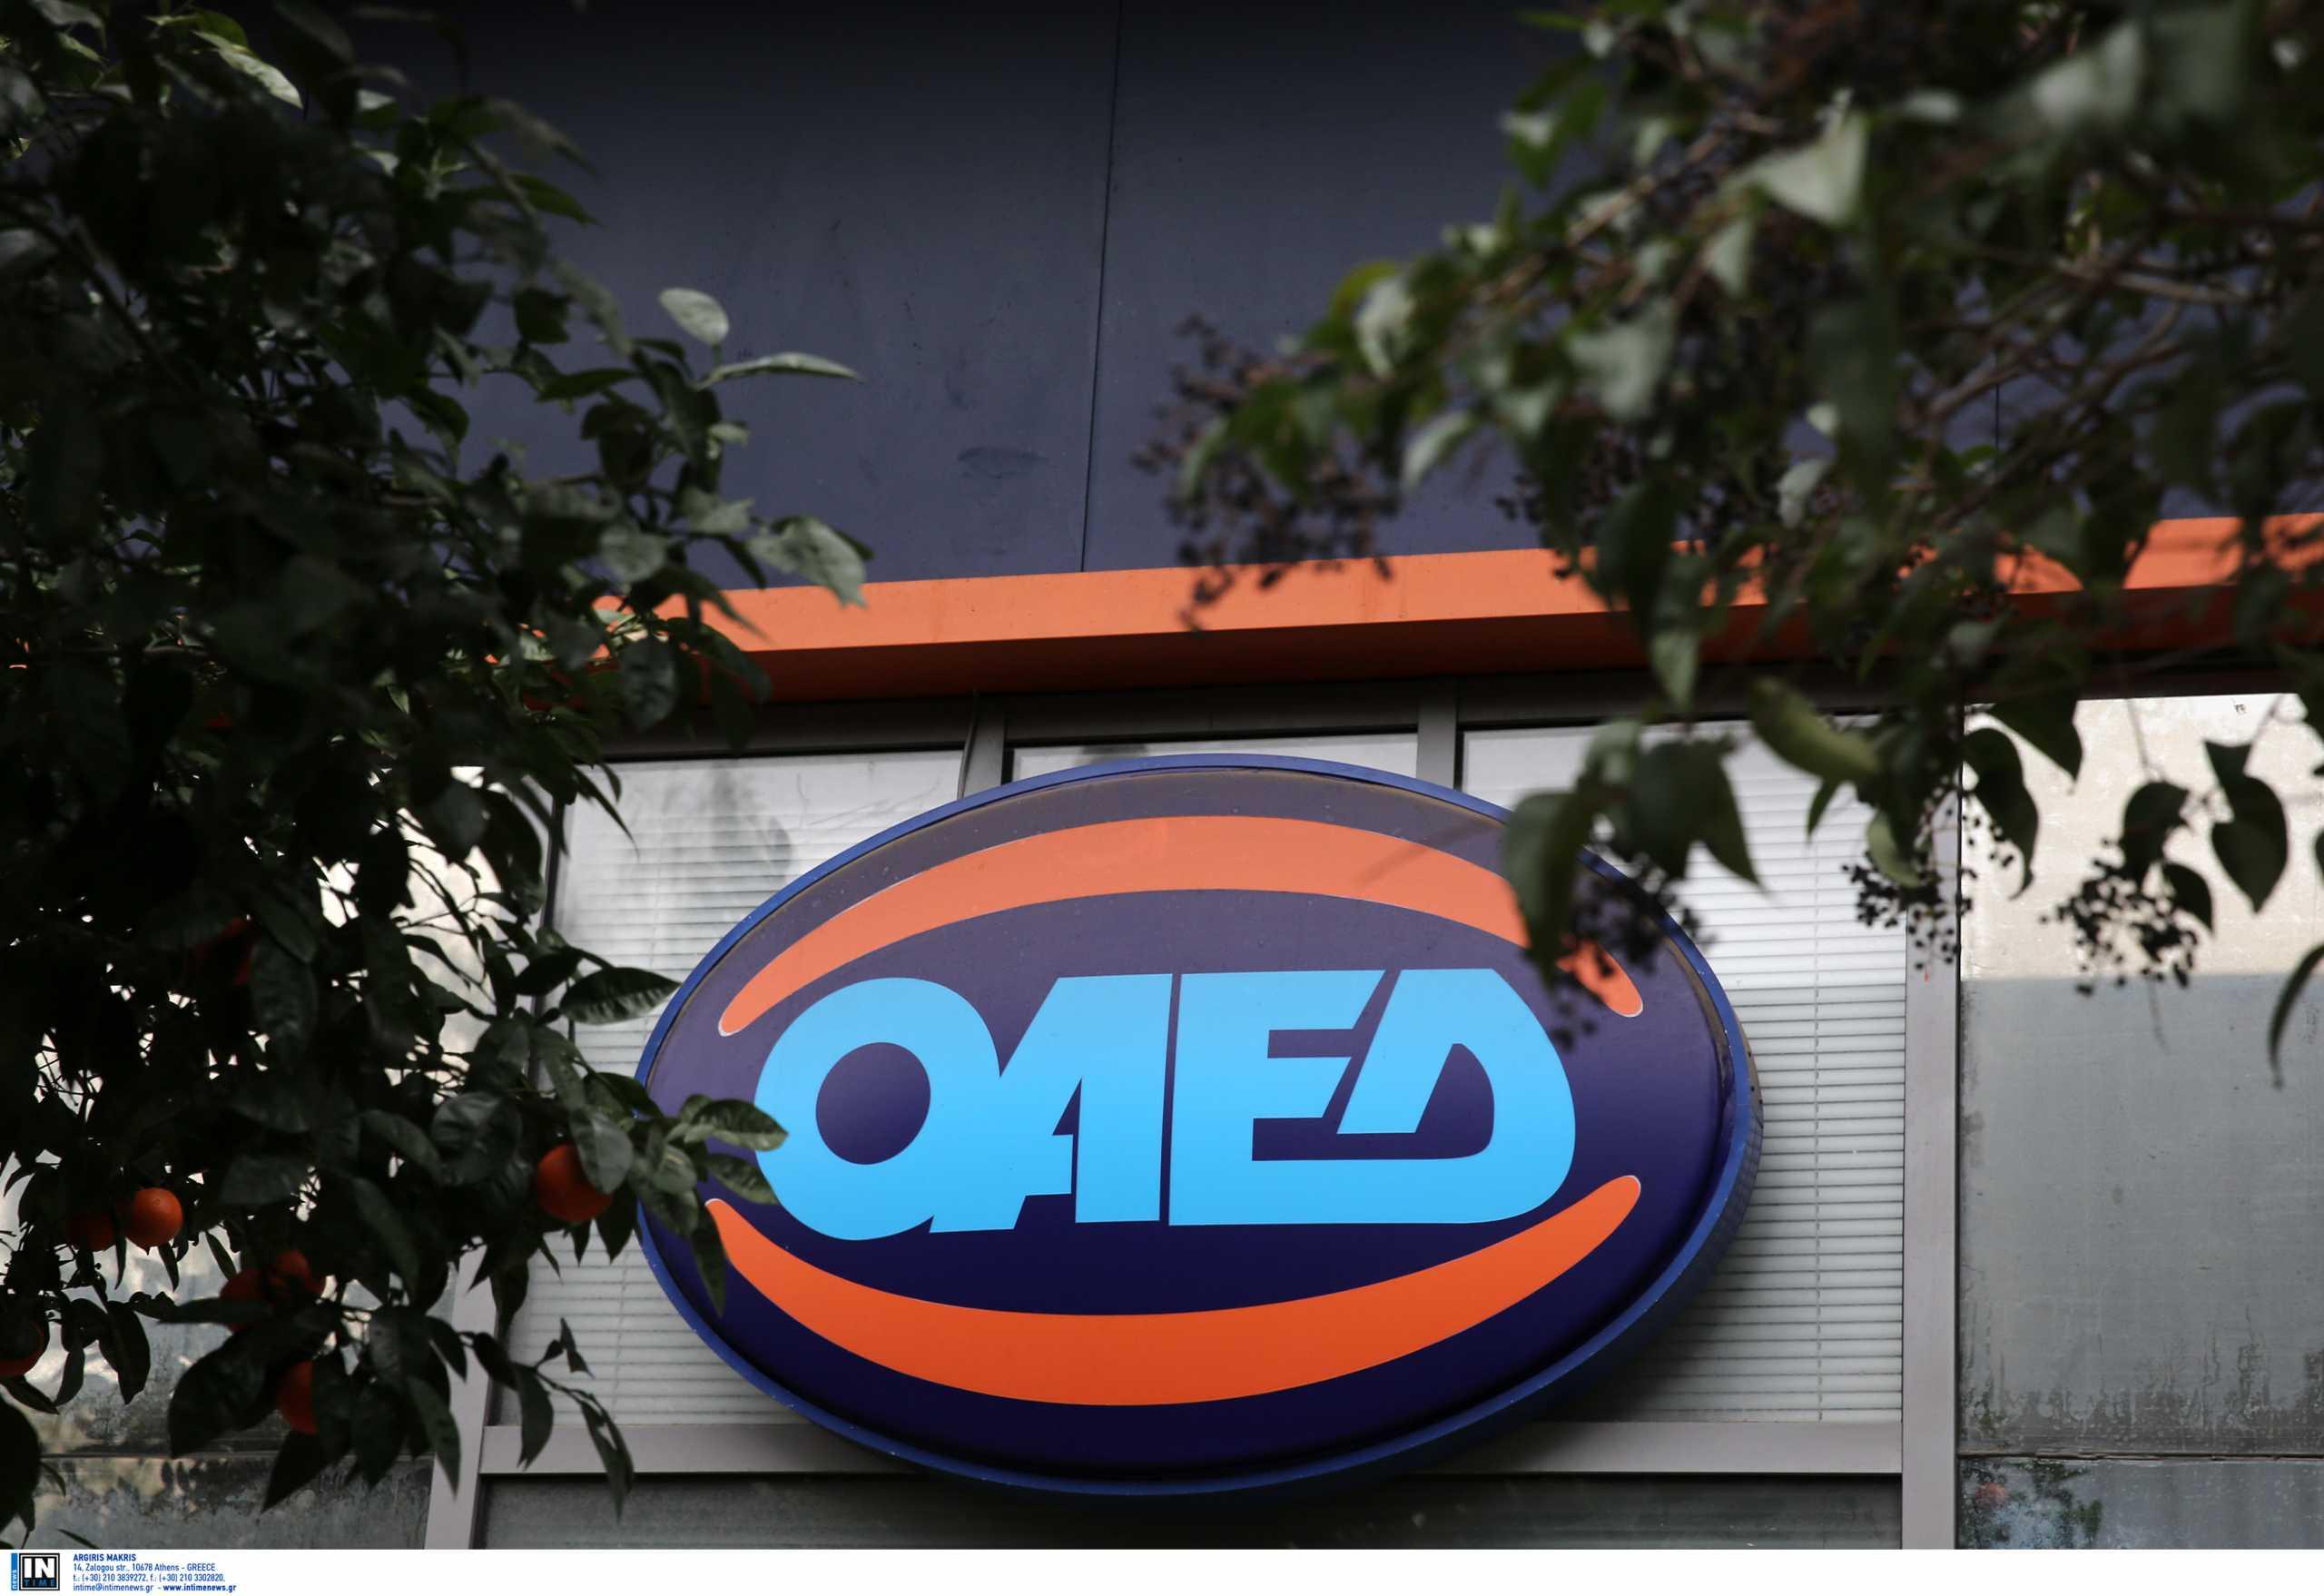 ΟΑΕΔ: Μέχρι αύριο οι αιτήσεις για πρόγραμμα 5.000 ανέργων έως 29 ετών